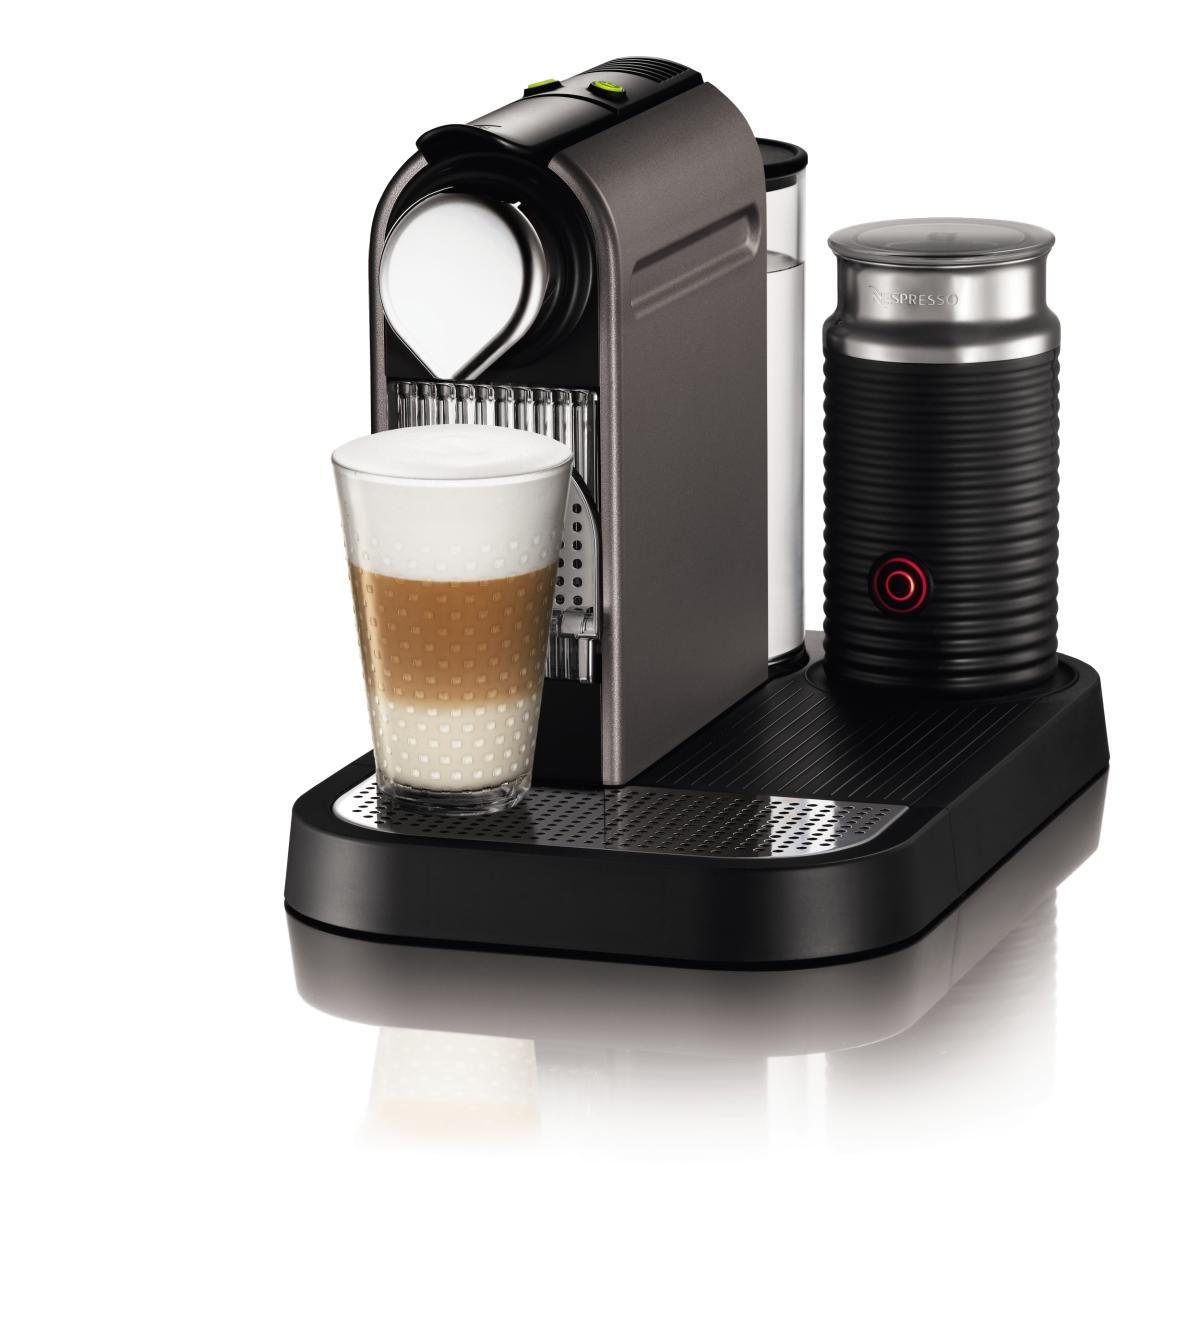 Nespresso Citiz Espresso Maker With Aeroccino Milk Frother